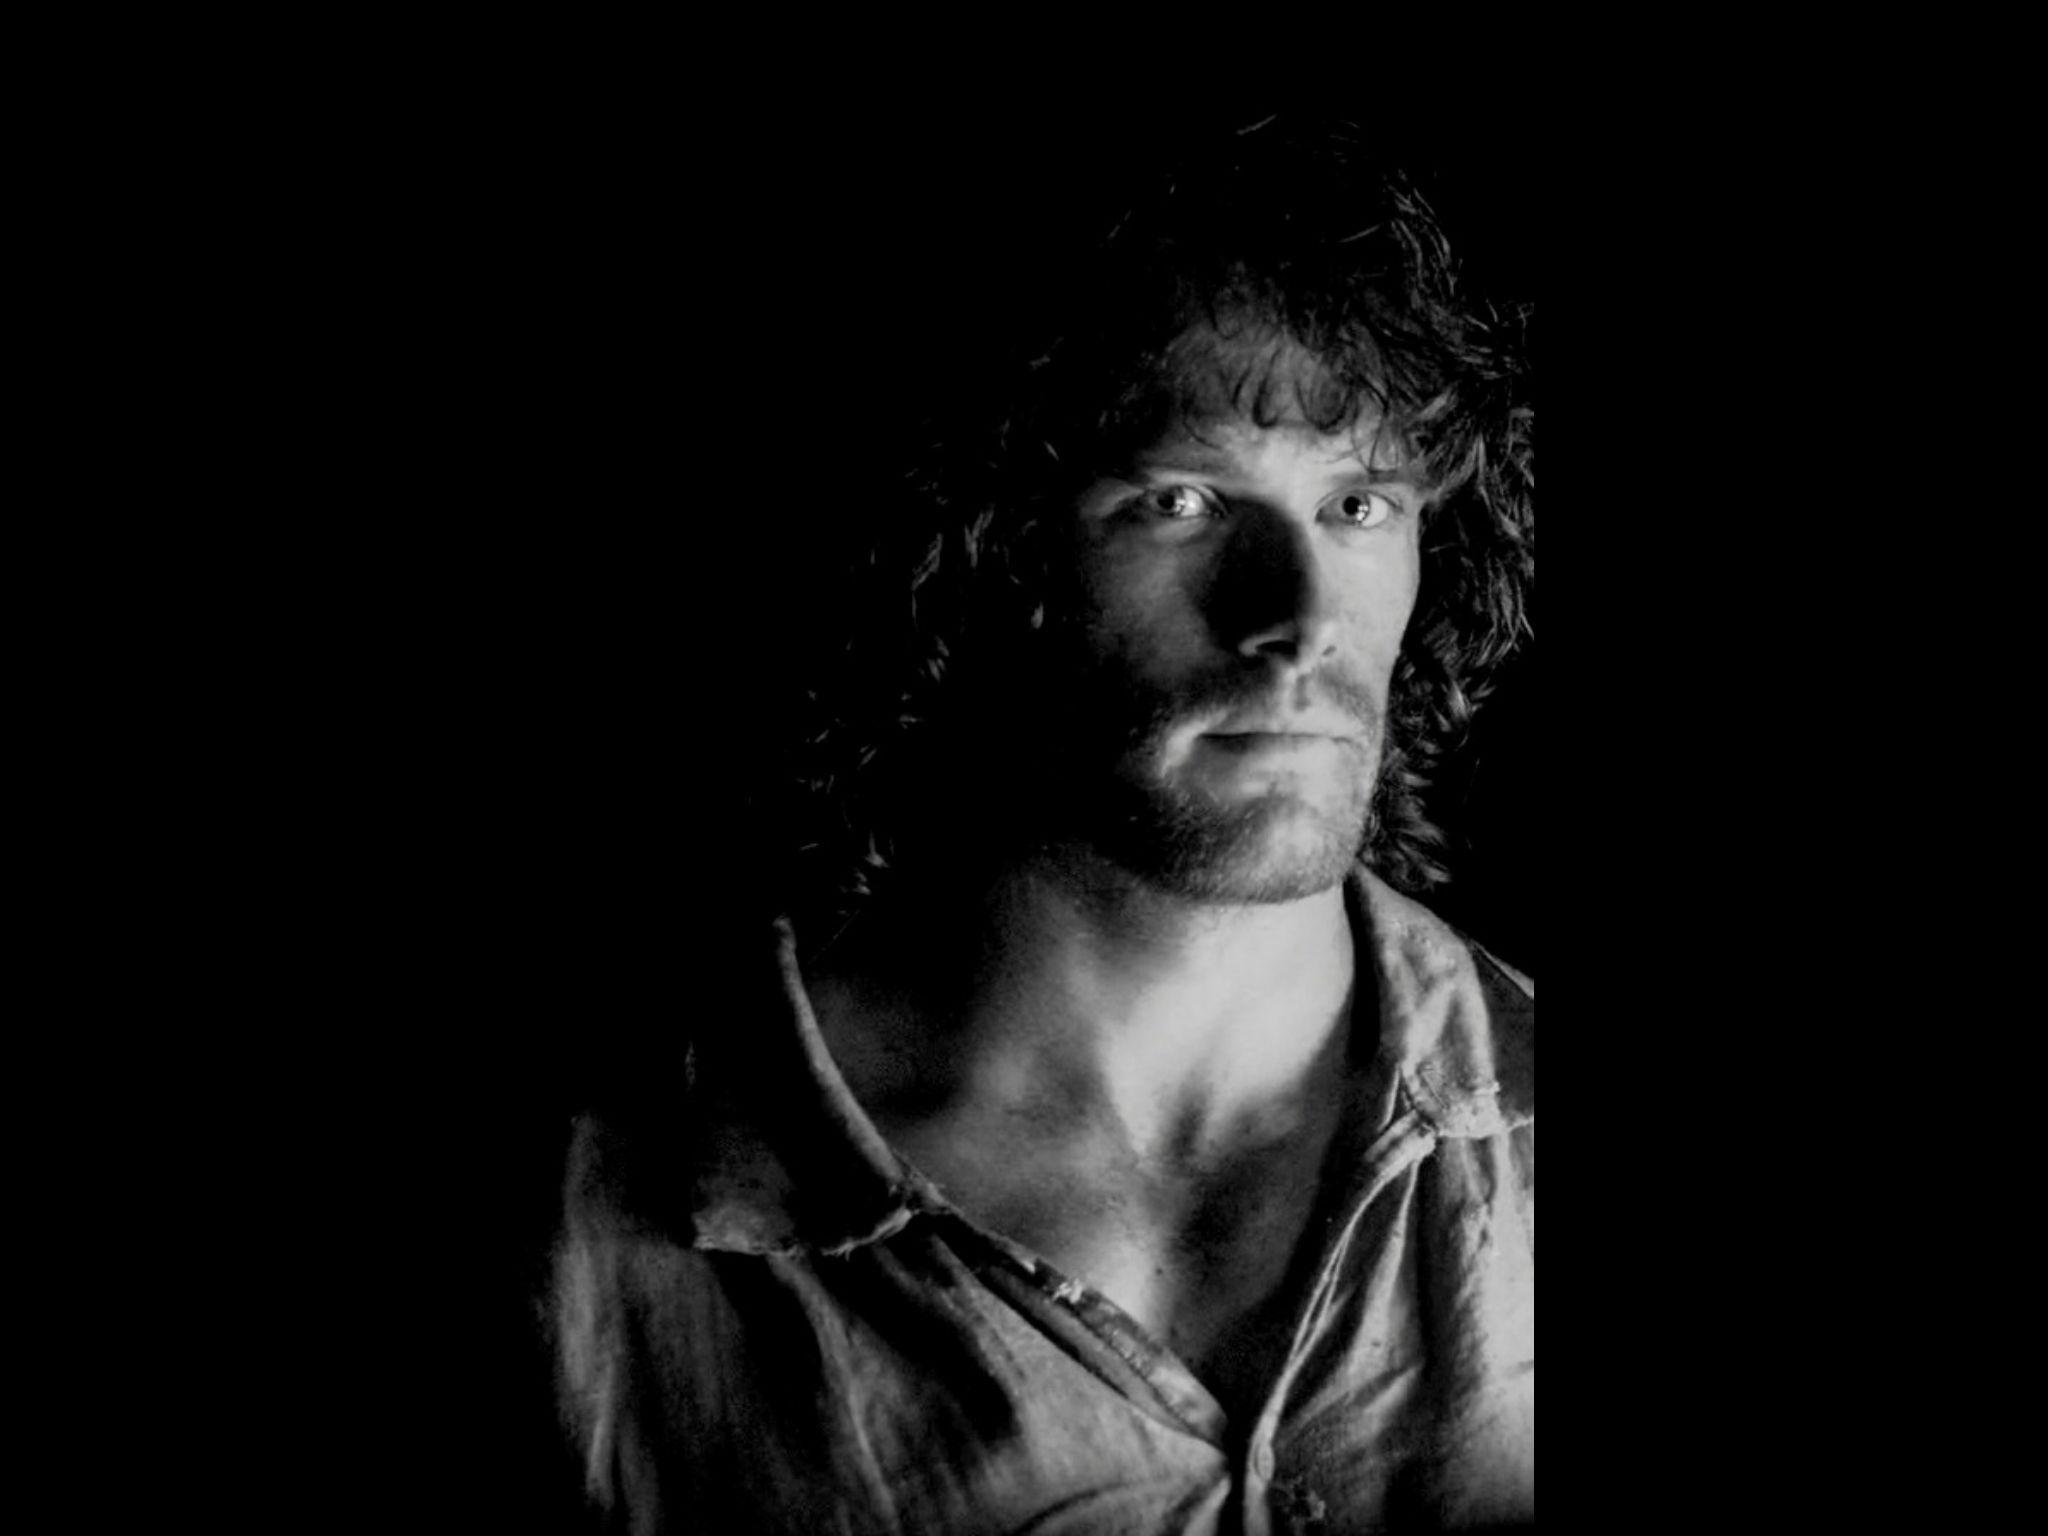 Outlander Jamie Fraser @team-heughan